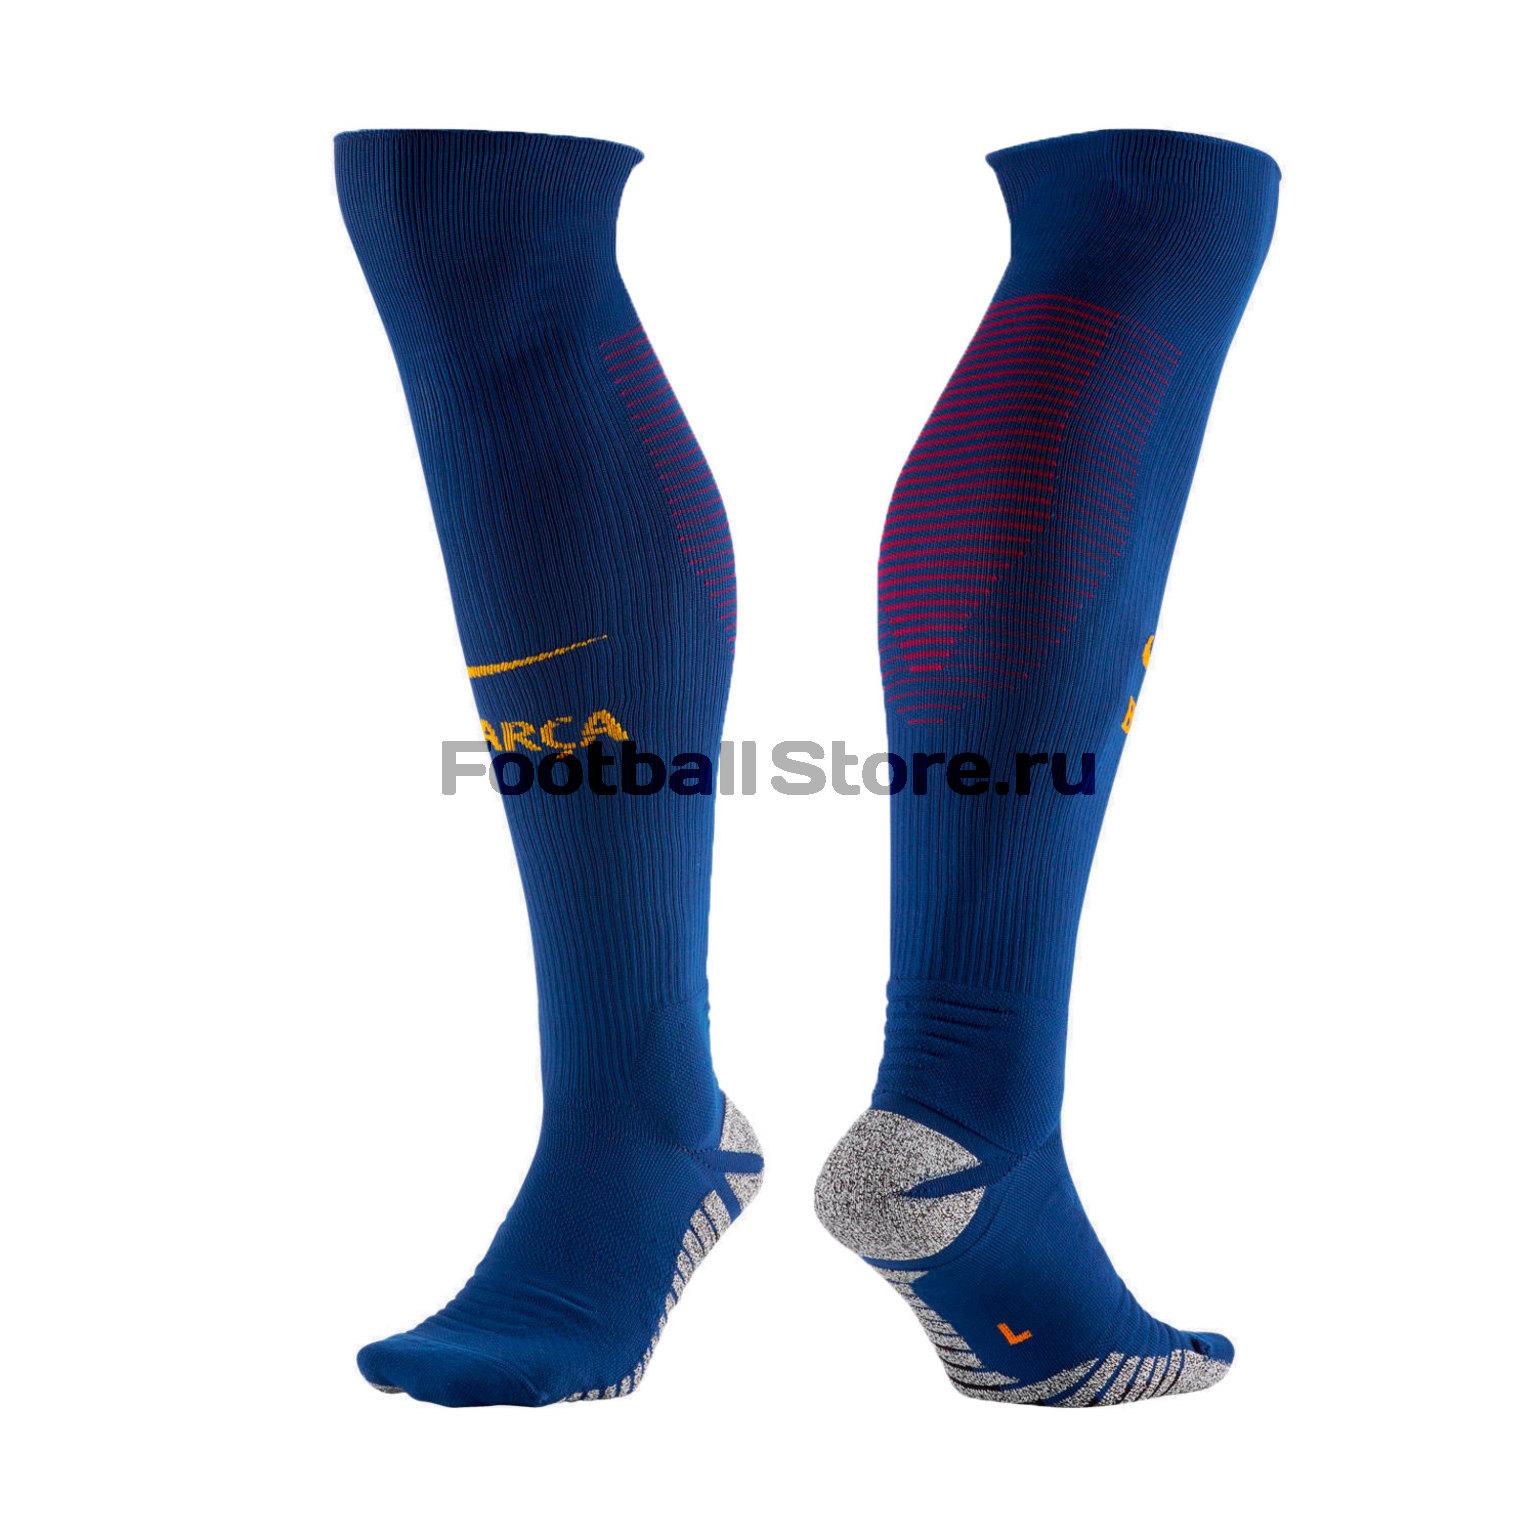 Barcelona Nike Гетры Nike Barcelona U NG MTCH OTC Sock HA3G SX7155-455 защита nike защита nk hyprstrng mtch ankl slv